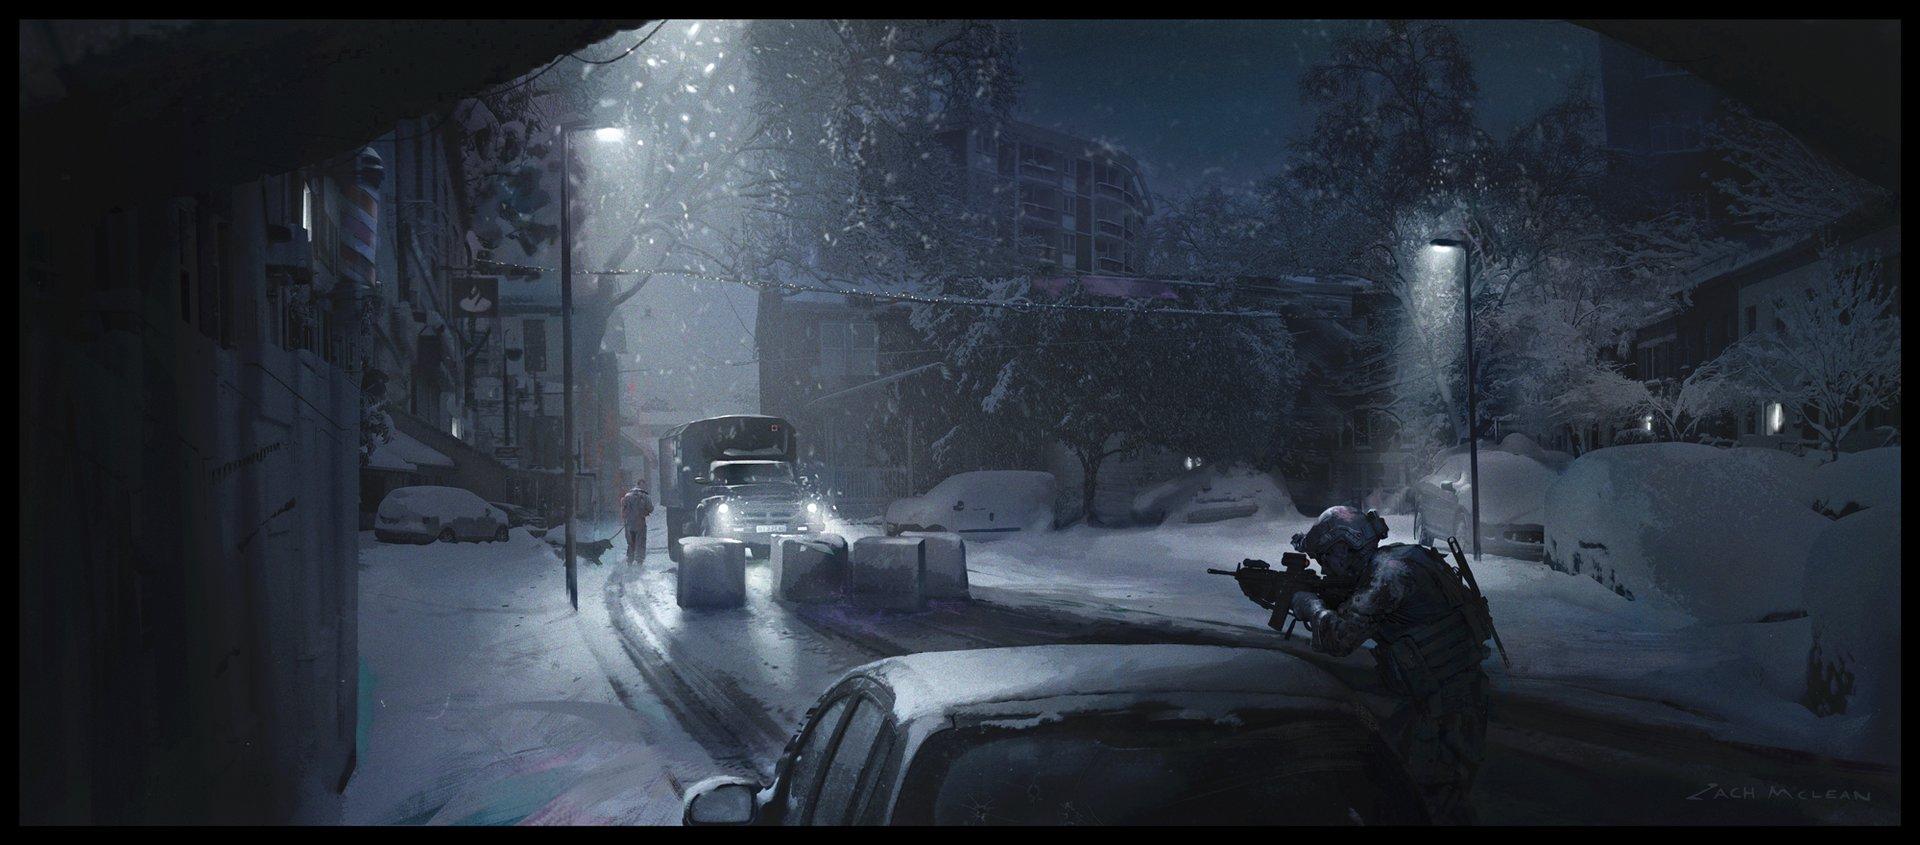 zachary-mclean-snowsoldierscene01.jpg